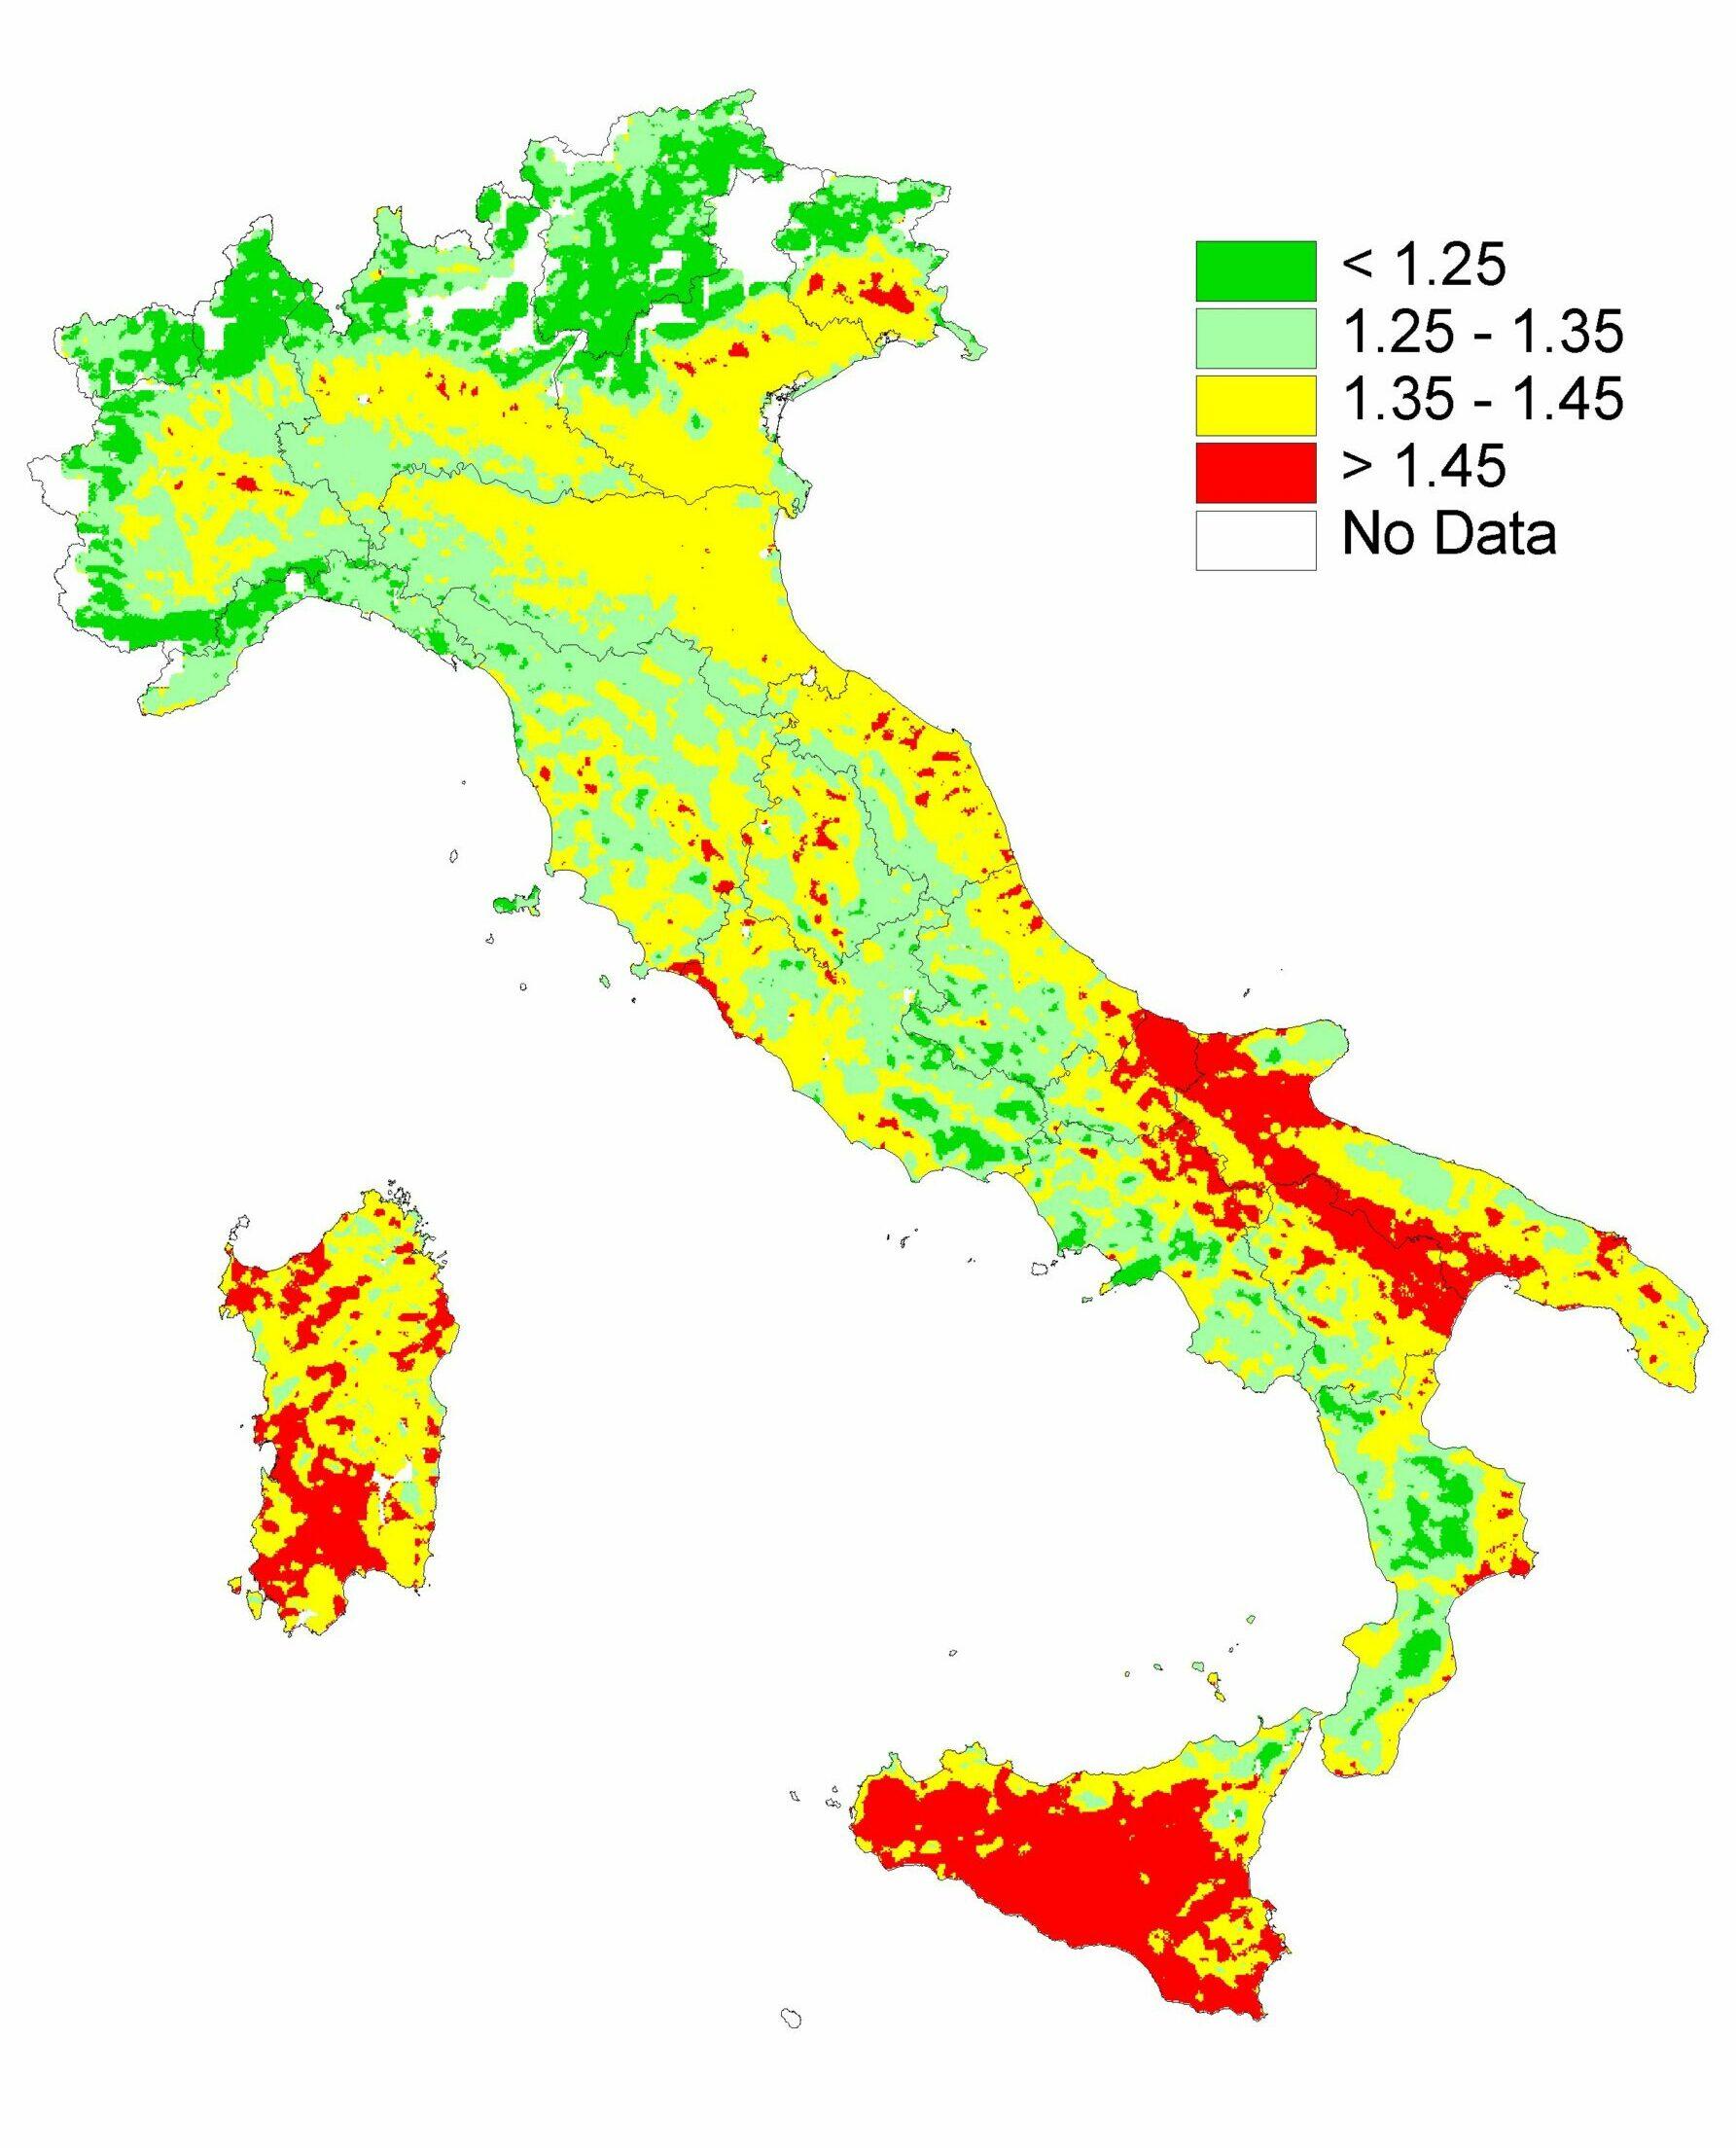 Italia Climatica Cartina.Speciale Ambiente L Acqua E La Vita Sulla Terra Articoli Dea Live Geografia